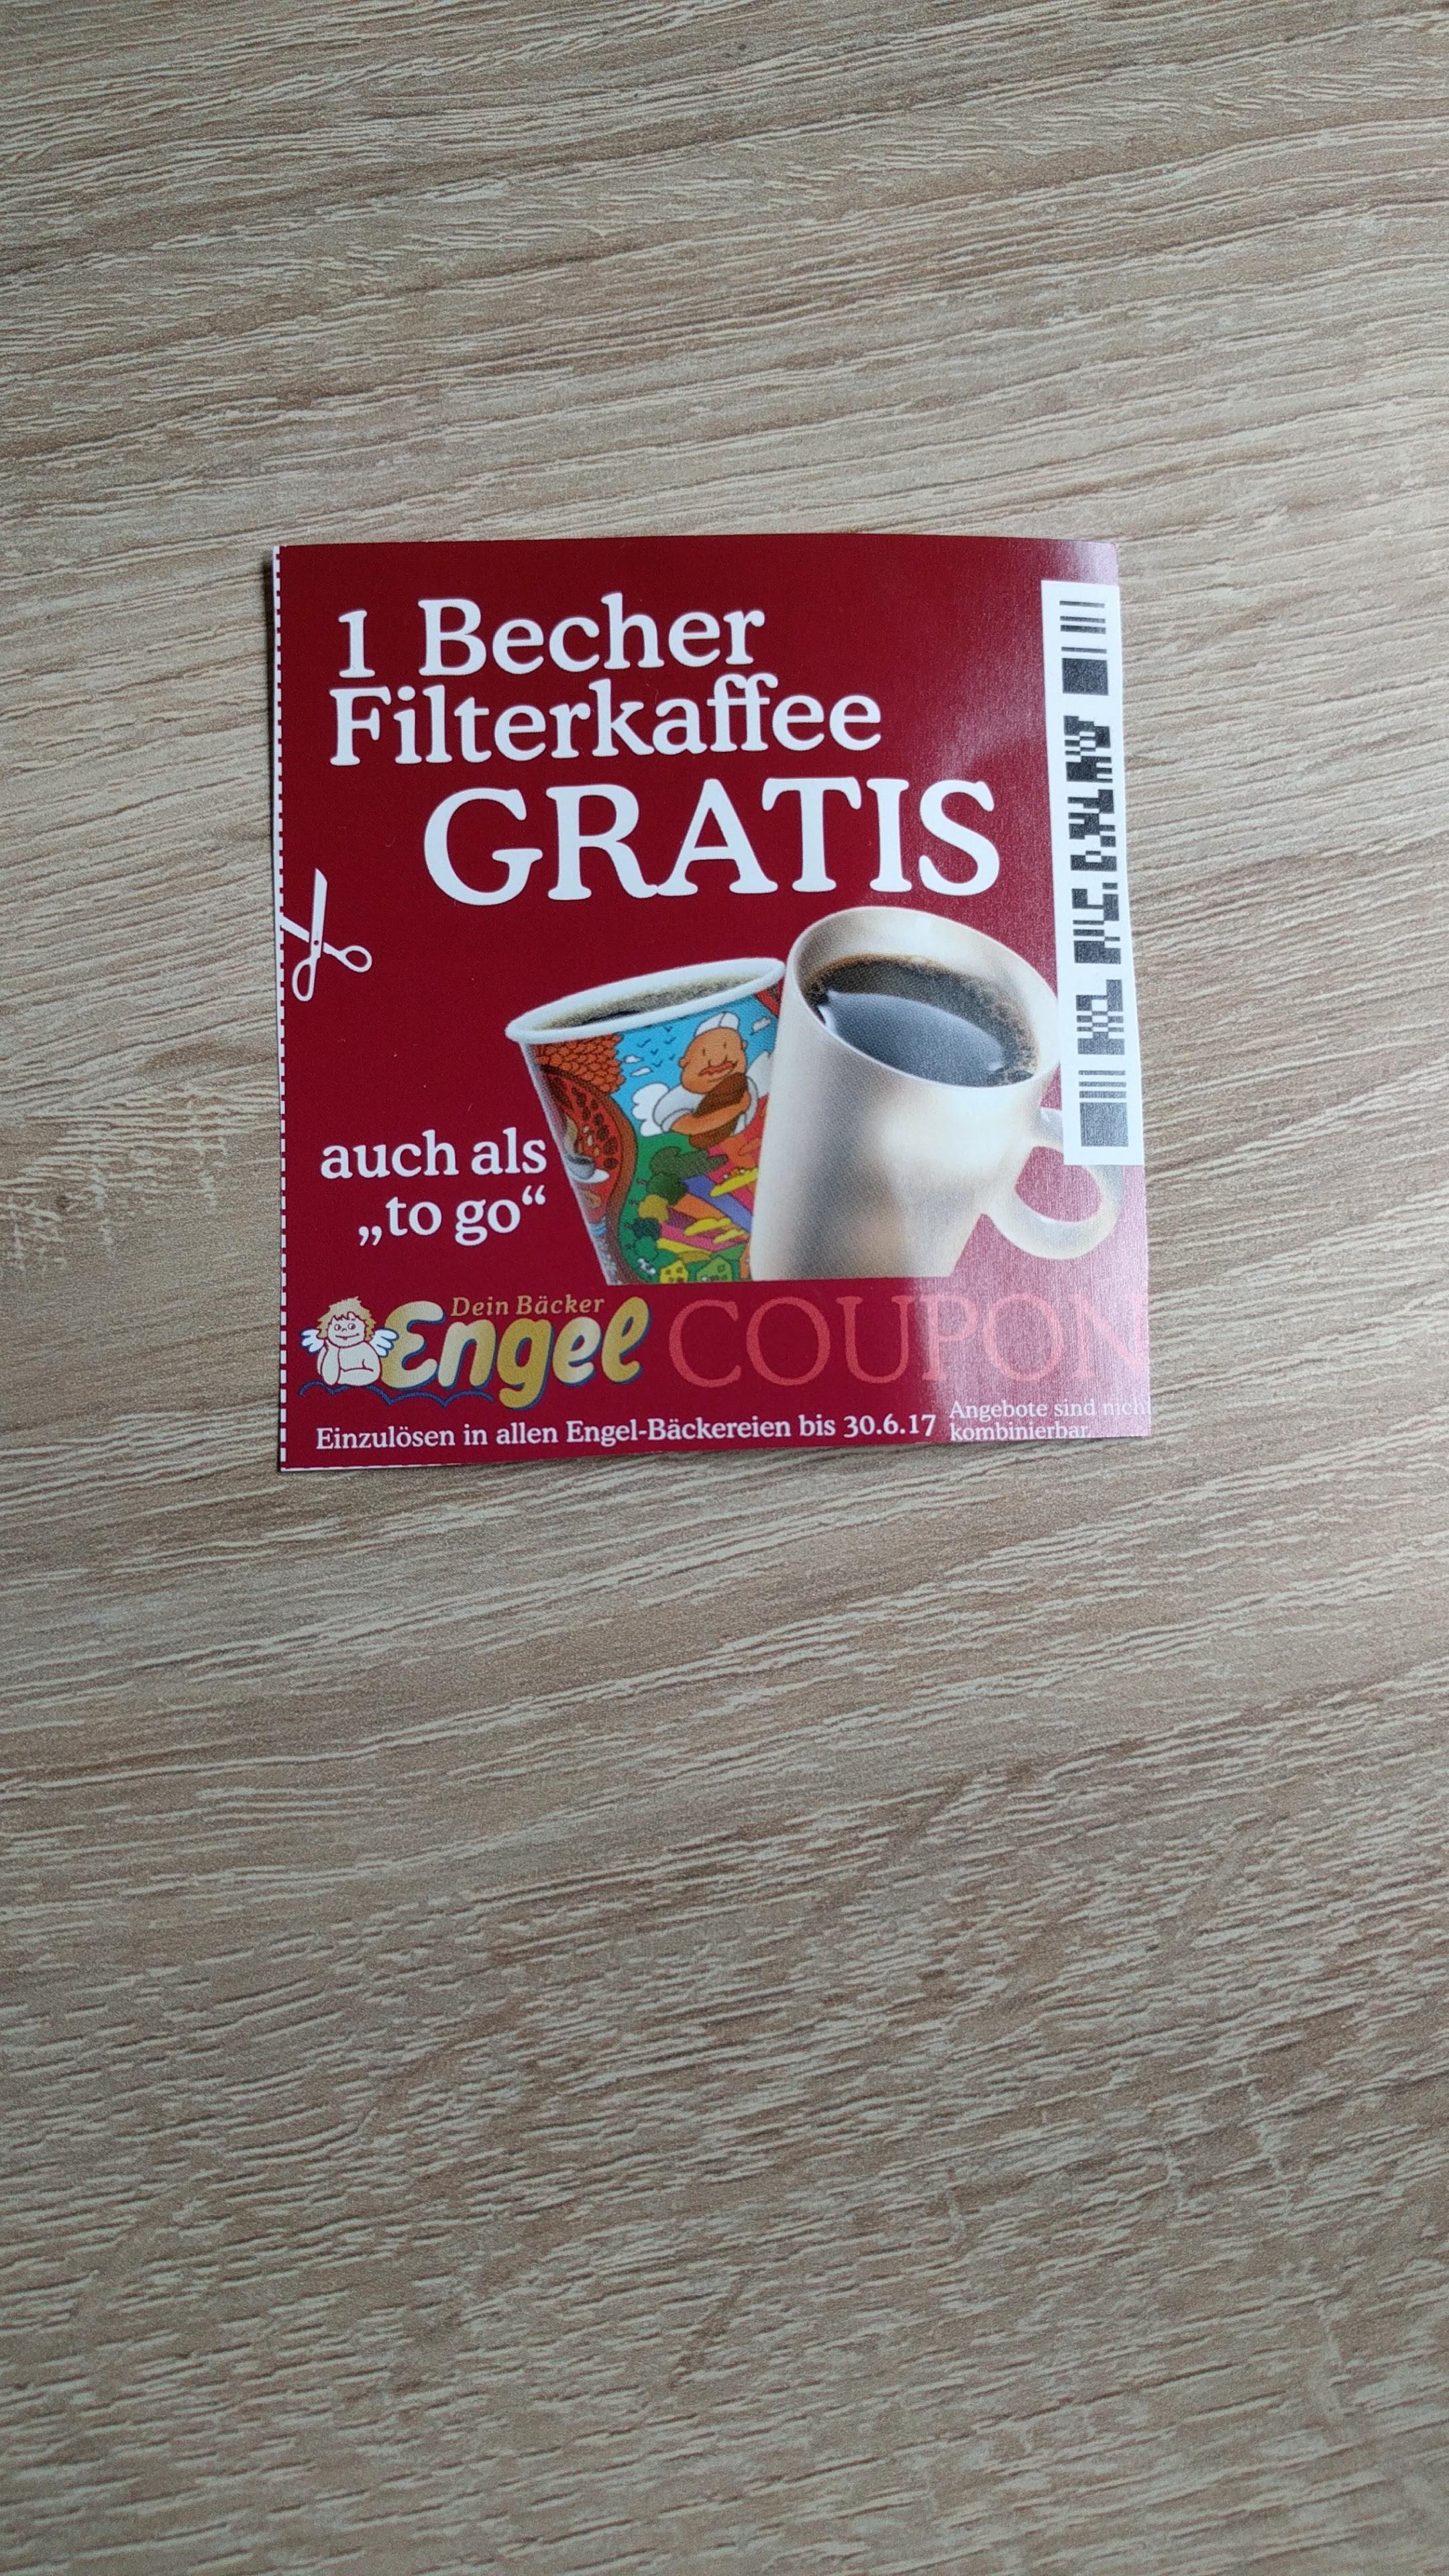 [LOKAL] GRATIS Kaffee bei Bäckerei Engel